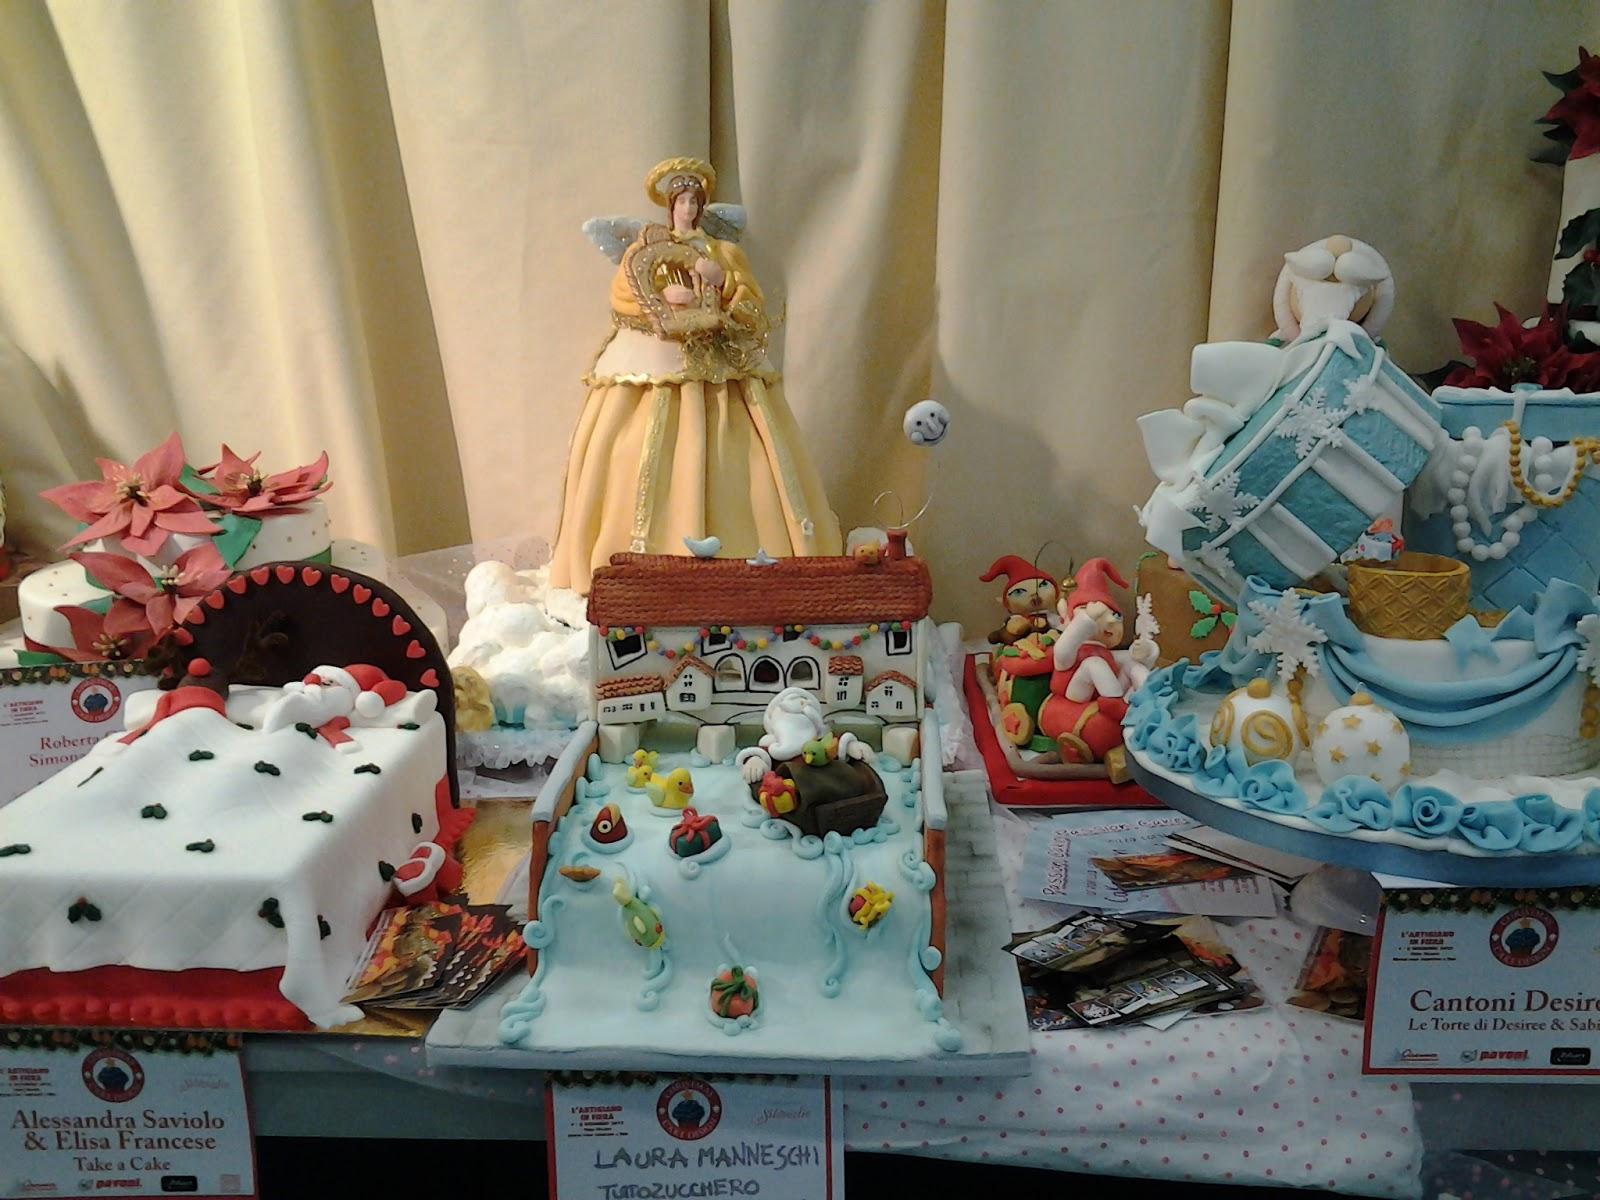 Zuccherosamente cake gallery 2012 fiera dell for Fiera dell arredamento milano